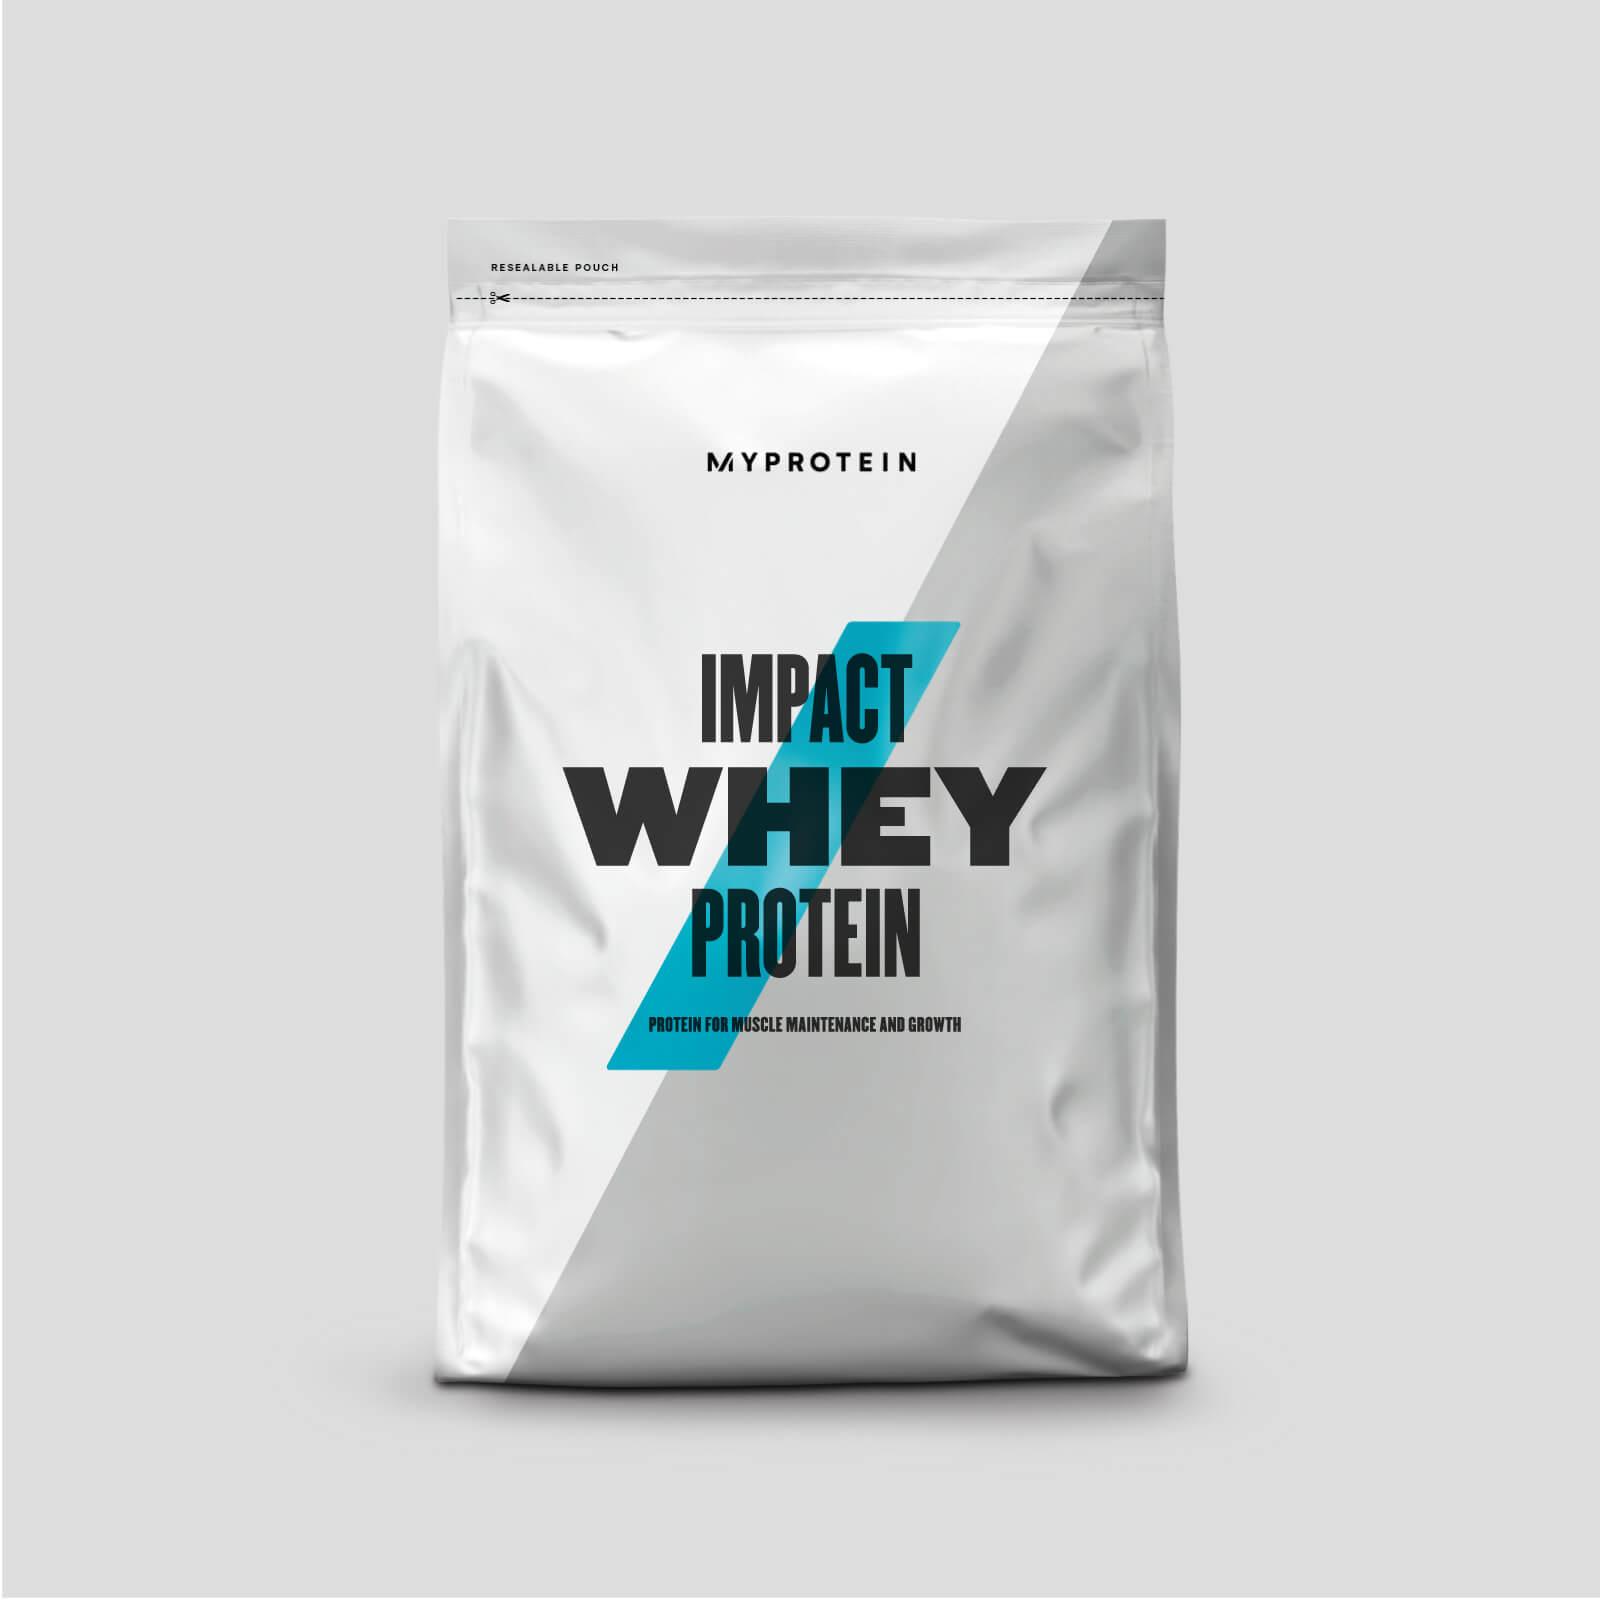 Myprotein Impact Whey Protein - 1kg - Tarte aux pommes et Crême Anglaise